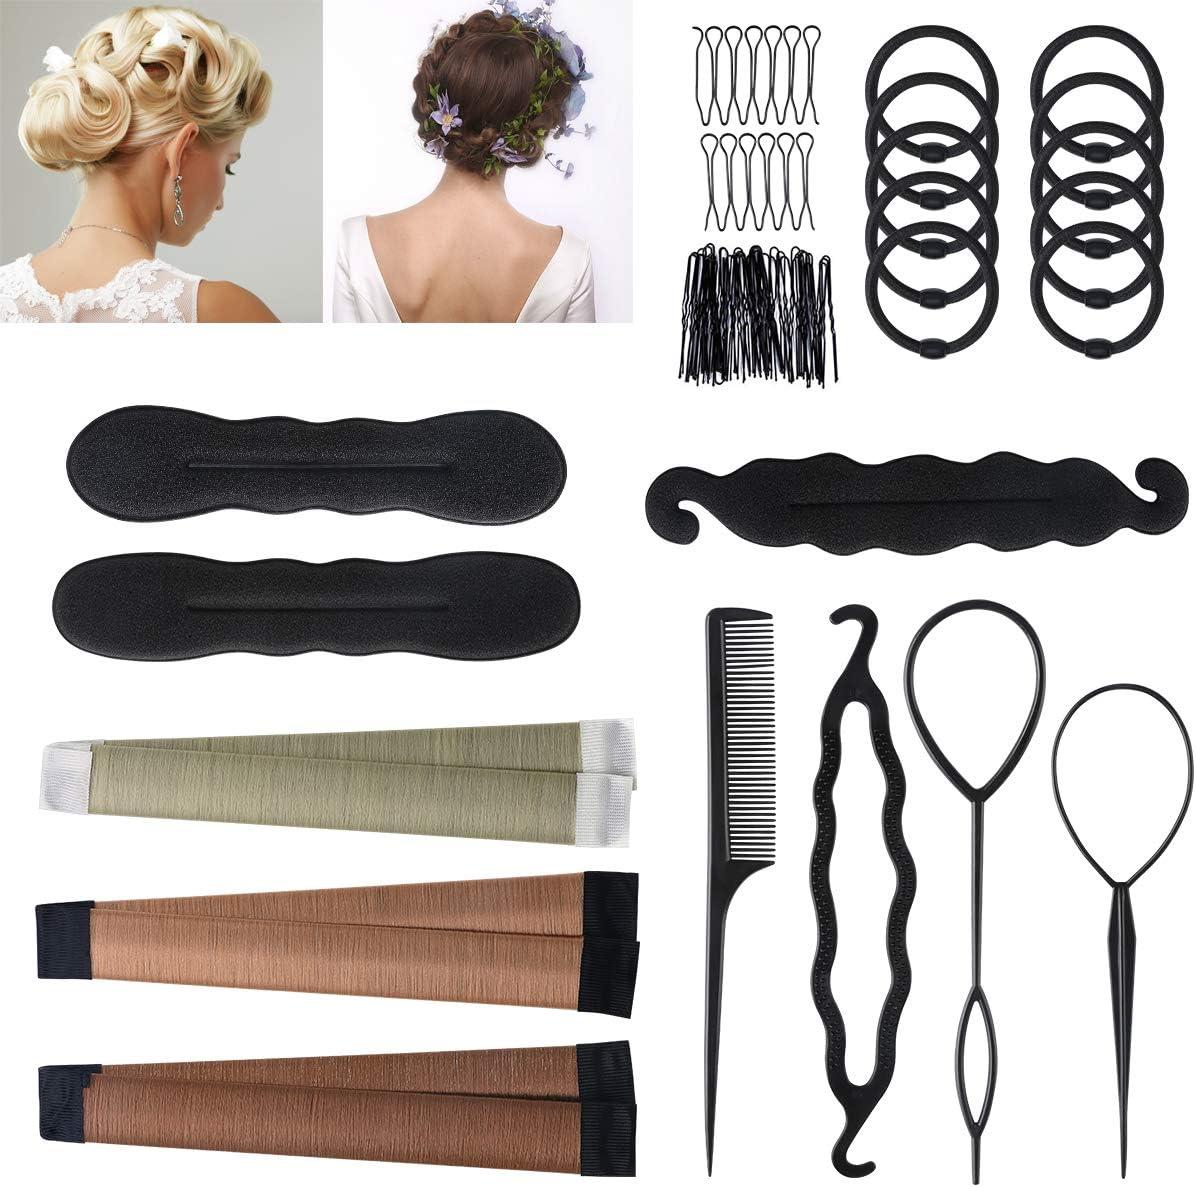 Accesorios de Peinado,URAQT Gomas moño de pelo,Herramientas Accesorios Hacedor Braid Cabello Trenzado Peinado Clip Herramientas para Diseño de Espuma para Niñas Mujeres con pelo DIY